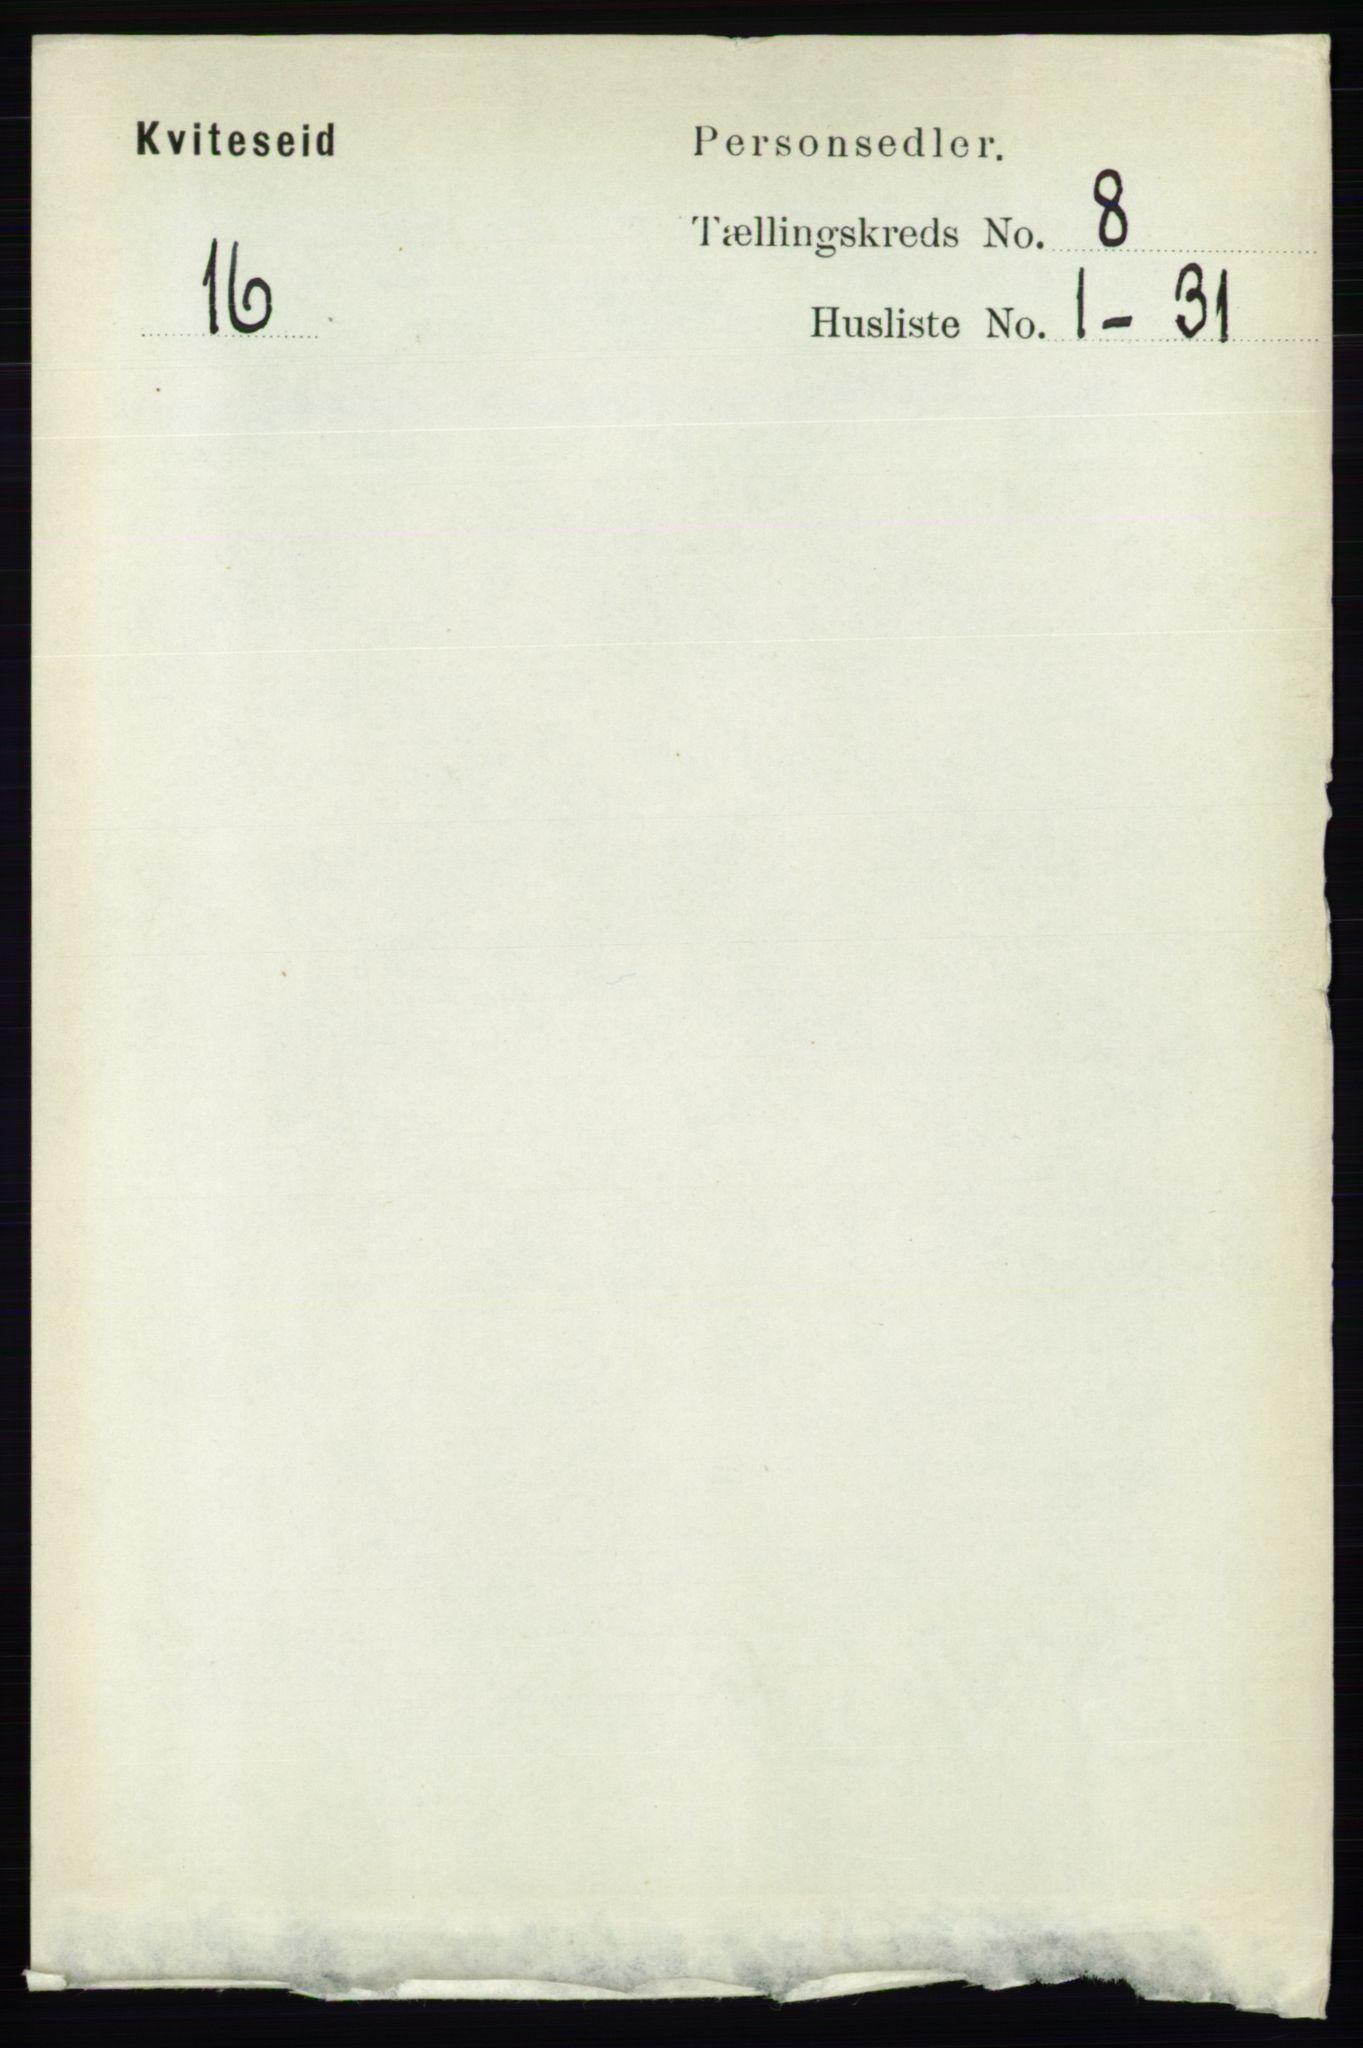 RA, Folketelling 1891 for 0829 Kviteseid herred, 1891, s. 1603